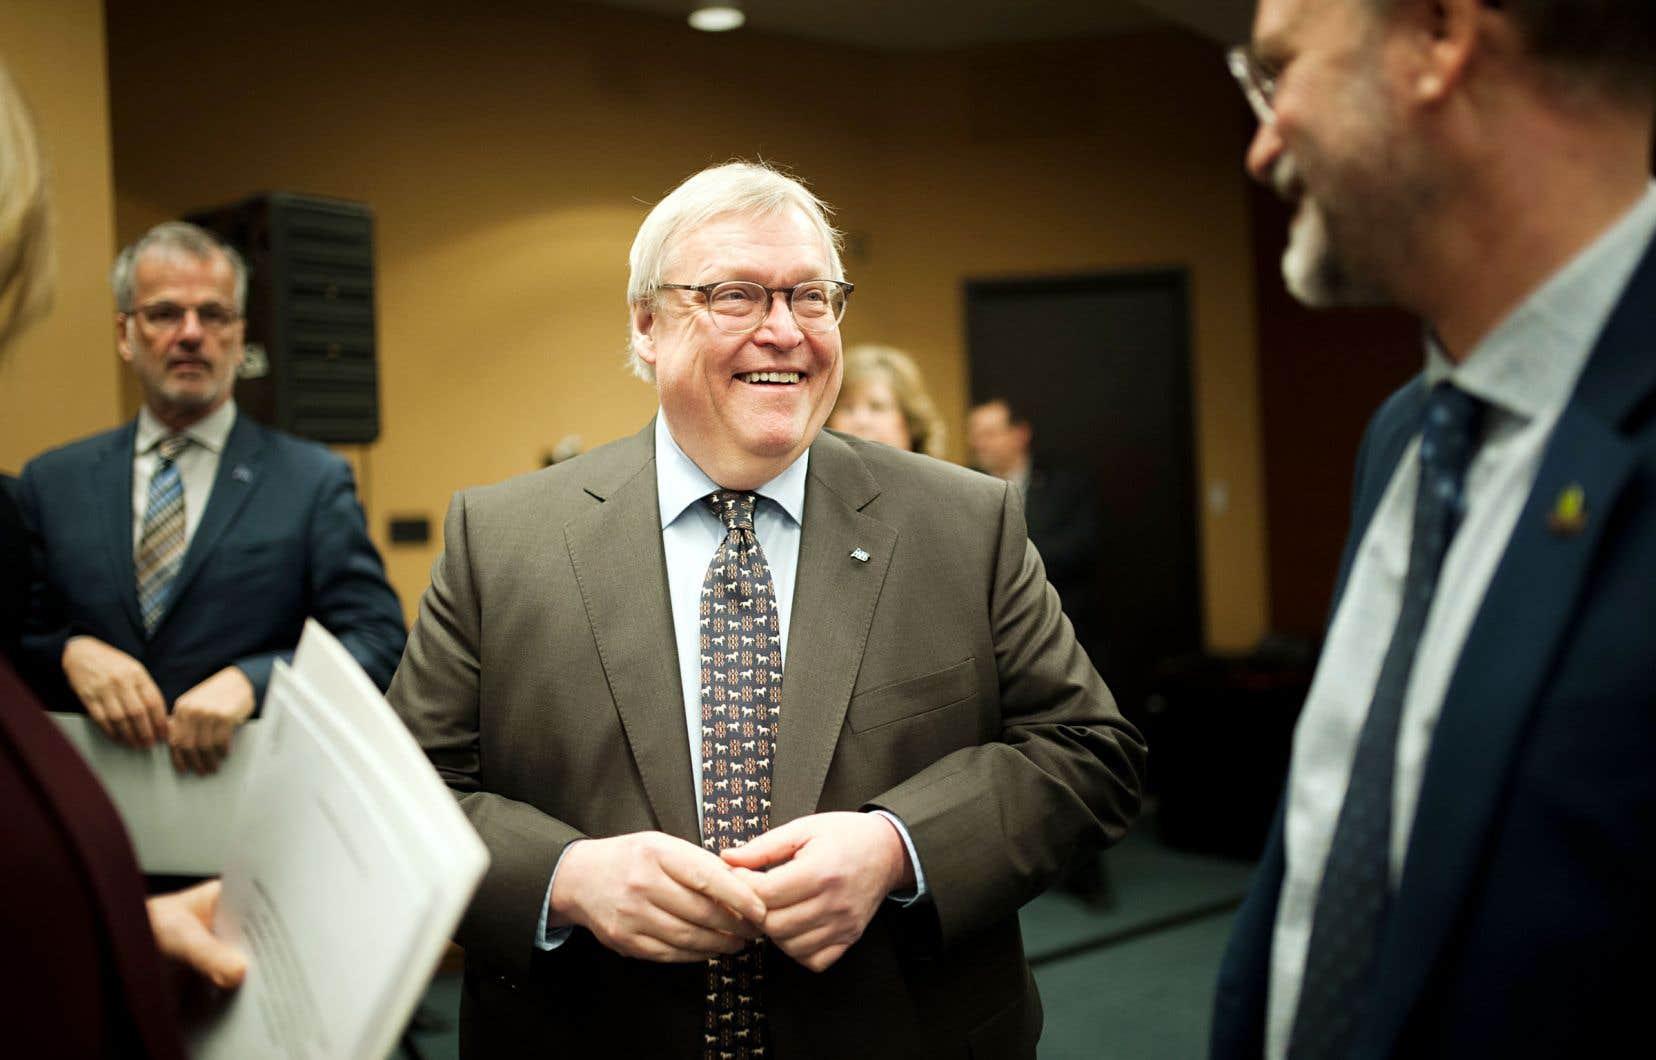 Le ministre Gaétan Barrette s'est défendu d'avoir bloqué un projet pour des raisons politiques lors d'une mêlée de presse jeudi après-midi à Laval, où il annonçait un investissement pour la modernisation de l'Hôpital de la Cité-de-la-Santé.